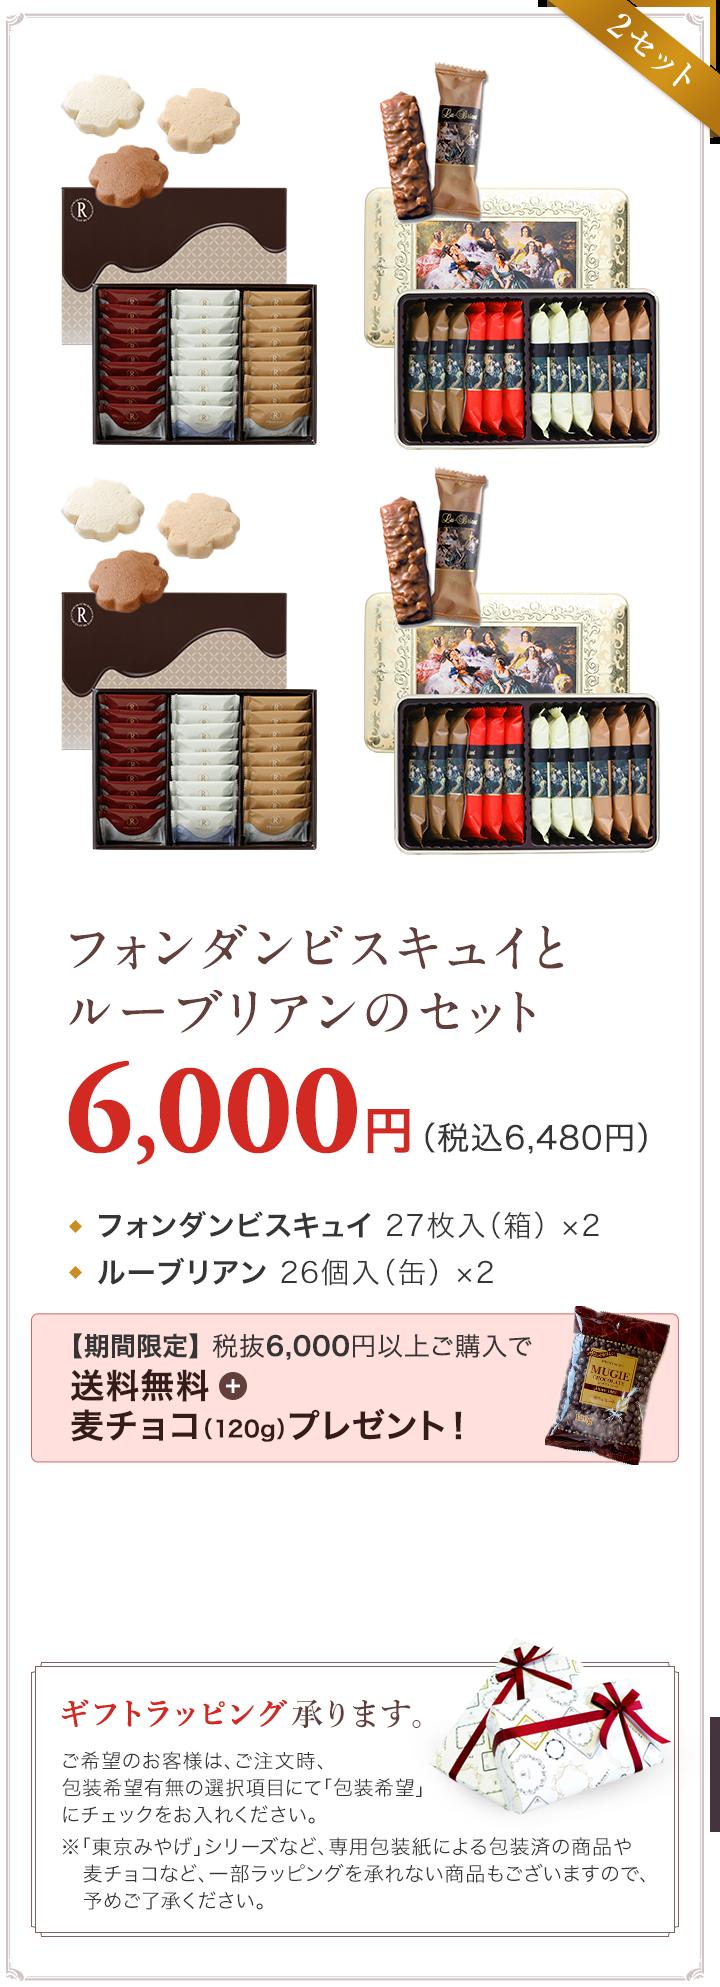 フォンダンビスキュイとルーブリアンのセット 6,000円(税込6,480円) フォンダンビスキュイ 27枚入(箱)×2 ルーブリアン 26個入(缶)×2 期間限定 送料無料+麦チョコプレゼント! ギフトラッピング承ります。